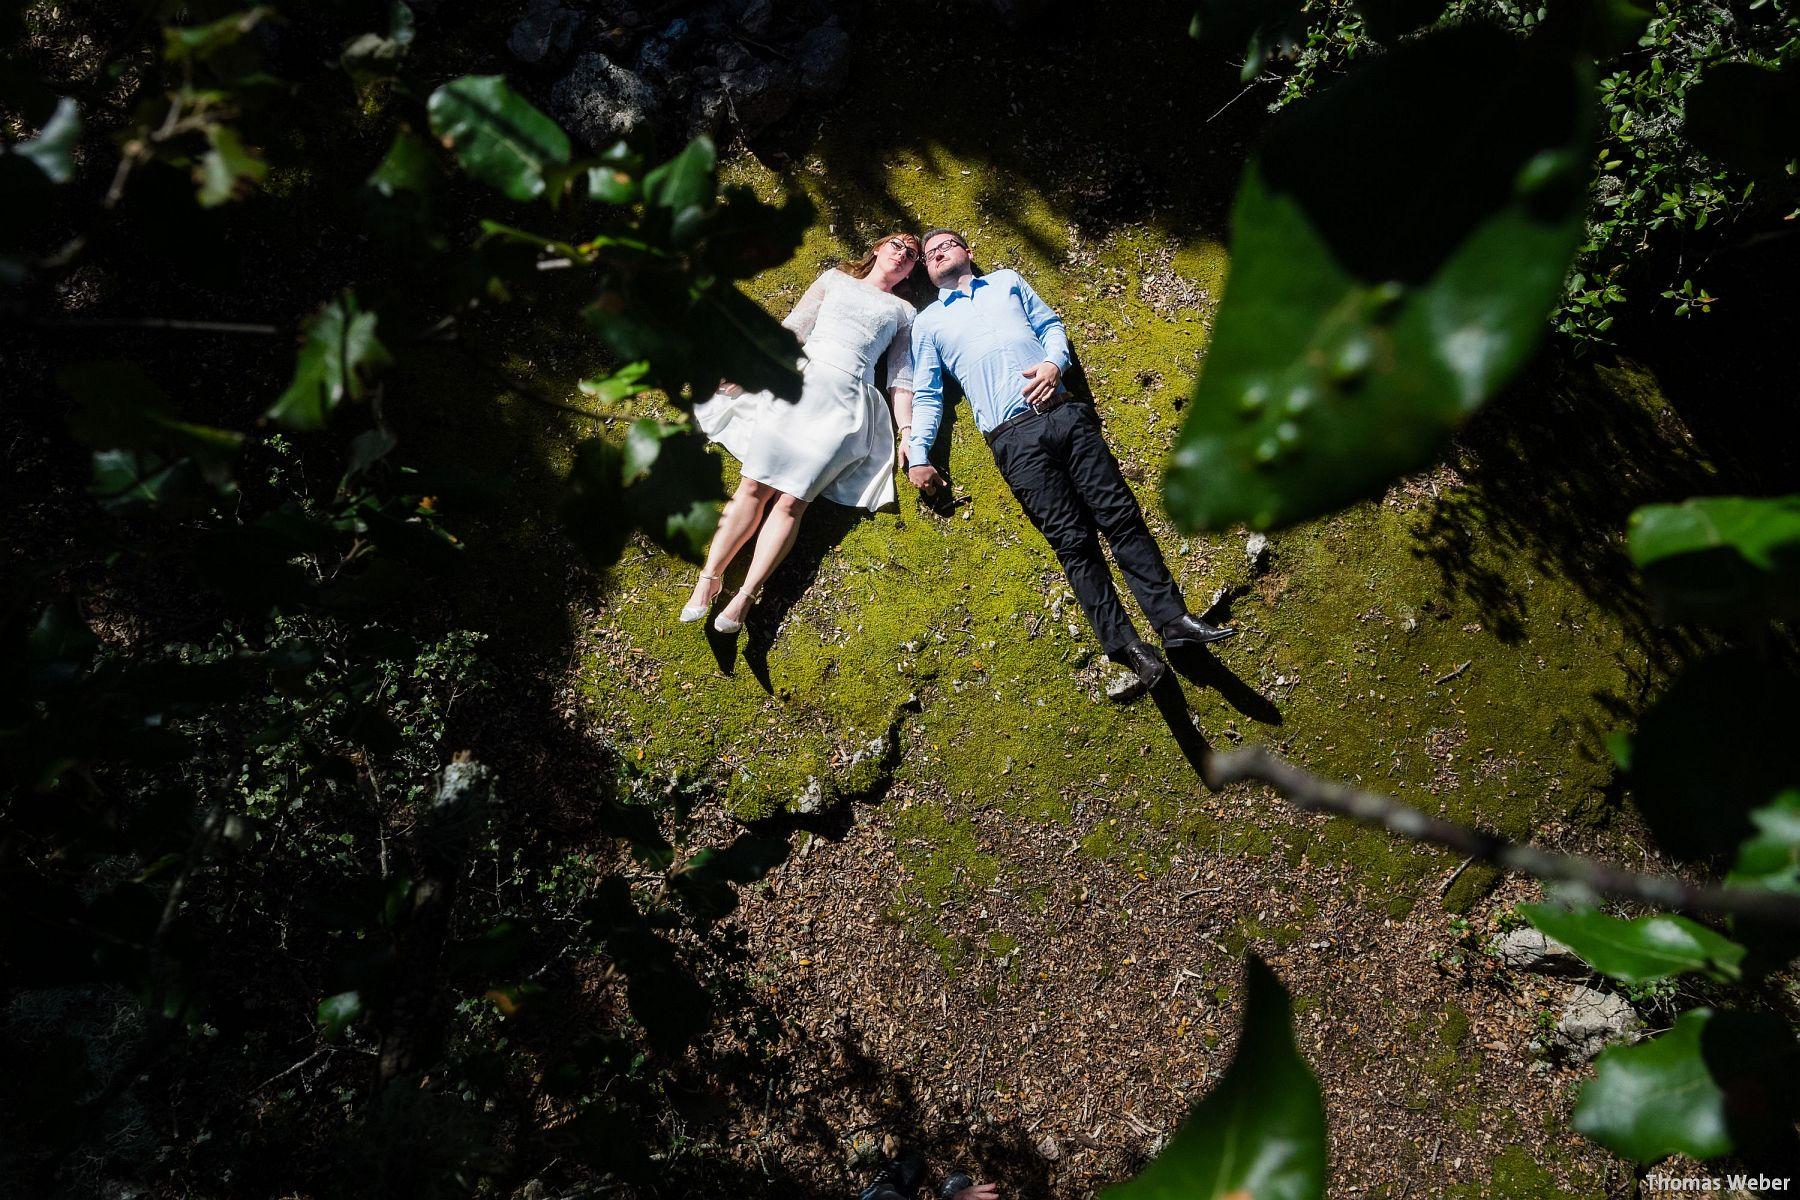 Hochzeitsfotograf Thomas Weber aus Oldenburg: Hochzeitsfotos und Paarfotos auf Mallorca (12)